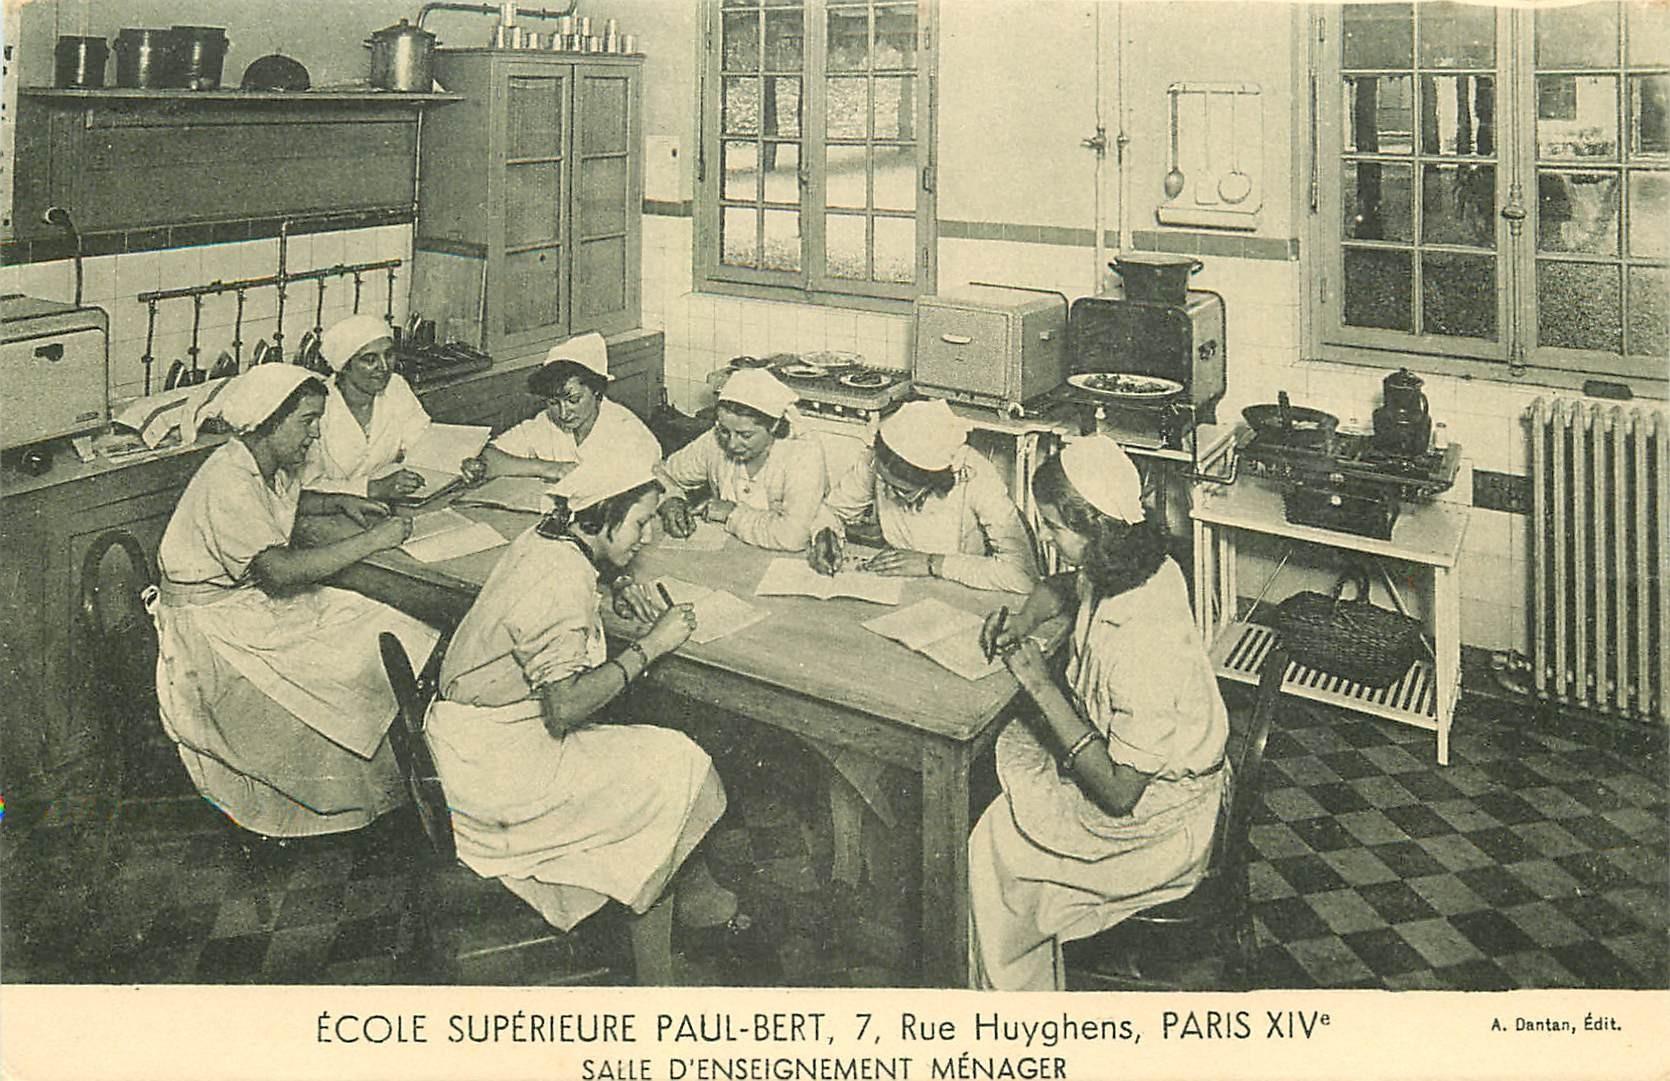 PARIS 14. Ecole Supérieure Paul-Bert 7 rue Huyghens. Salle d'Enseignement ménager